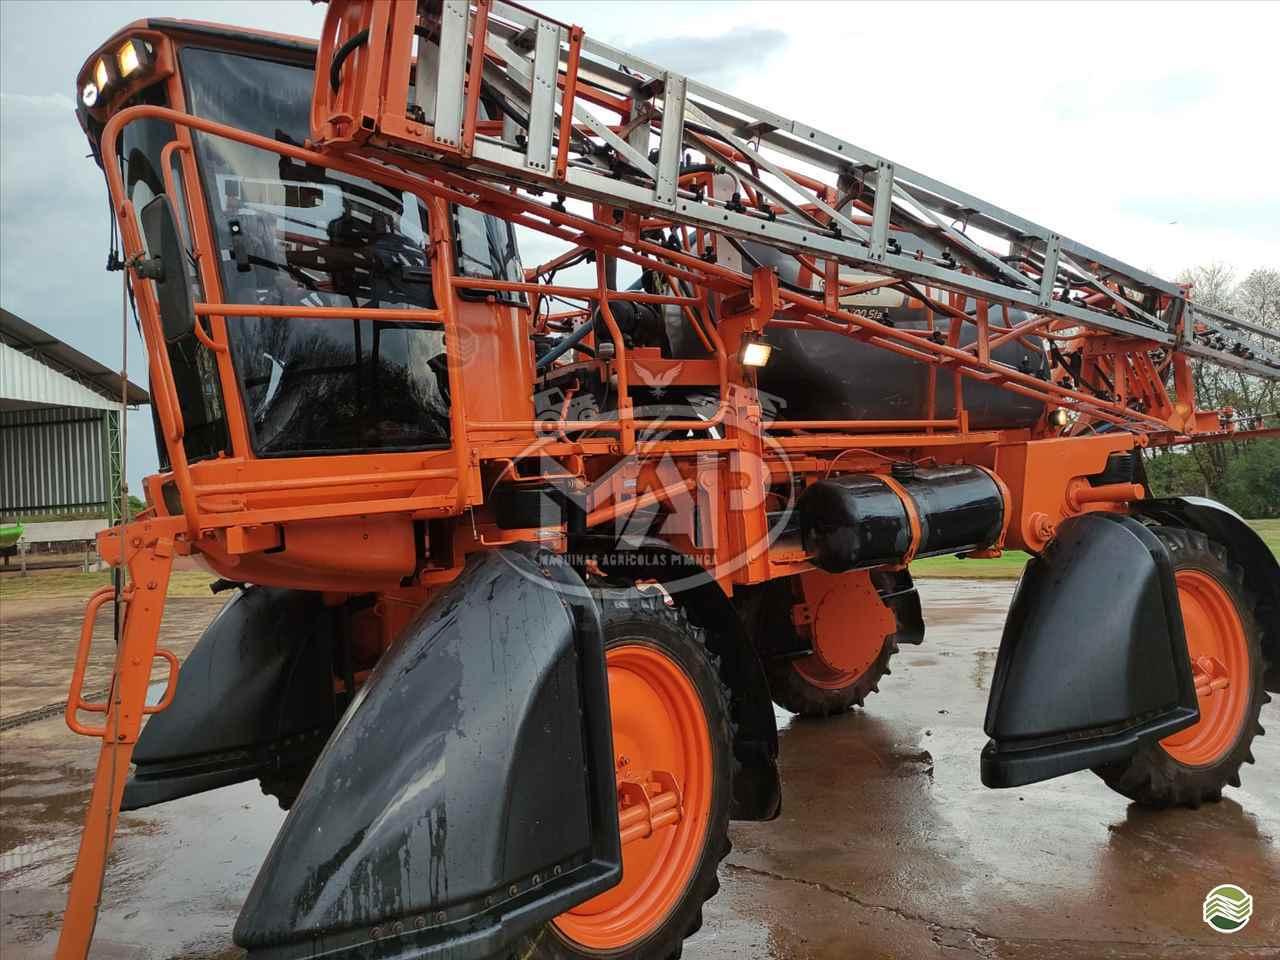 PULVERIZADOR JACTO UNIPORT 2500 STAR Tração 4x4 Máquinas Agrícolas Pitanga PITANGA PARANÁ PR